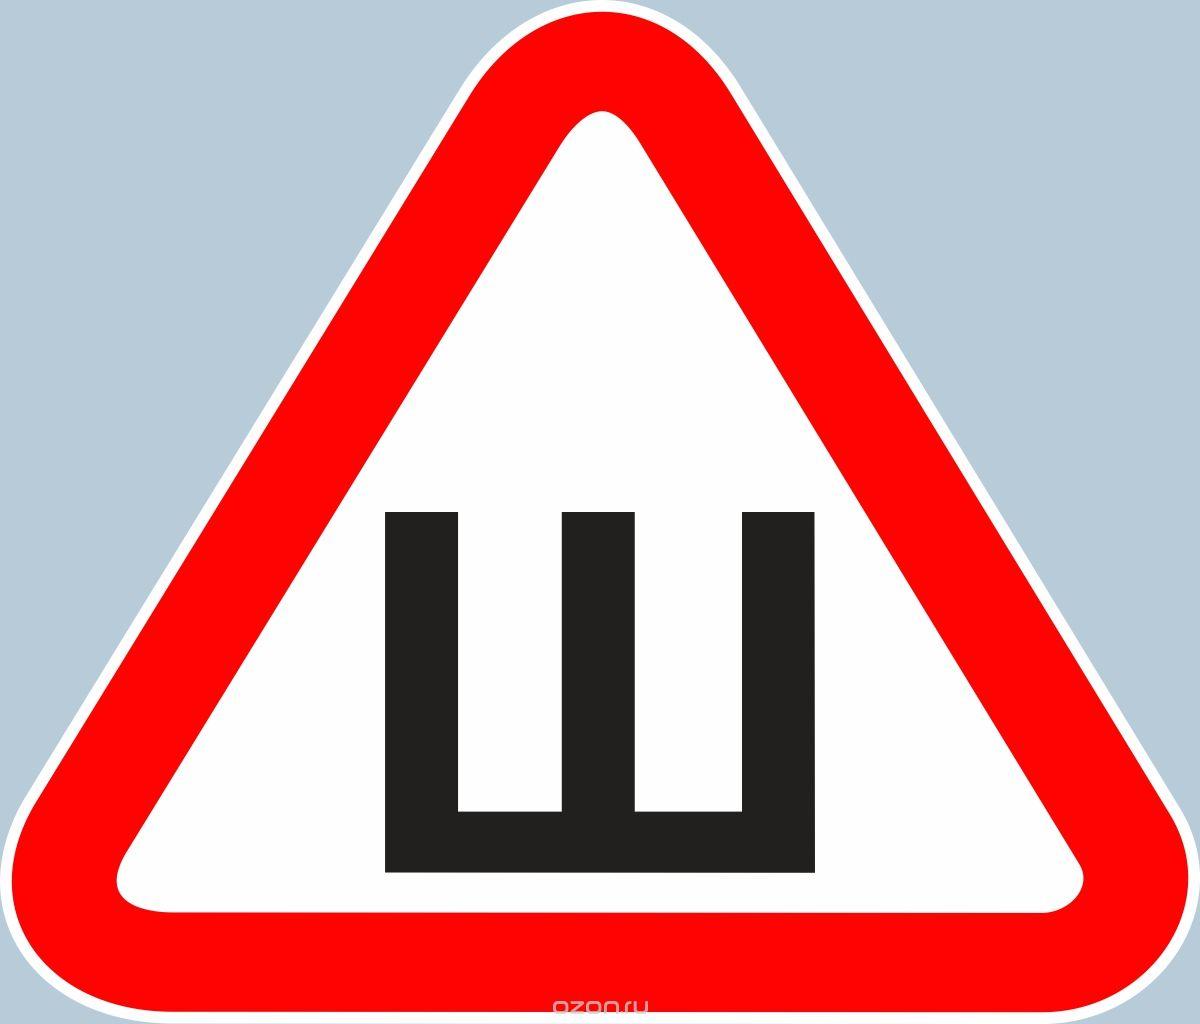 Знак «Шипы» и новые правила дорожного движения: что нужно знать